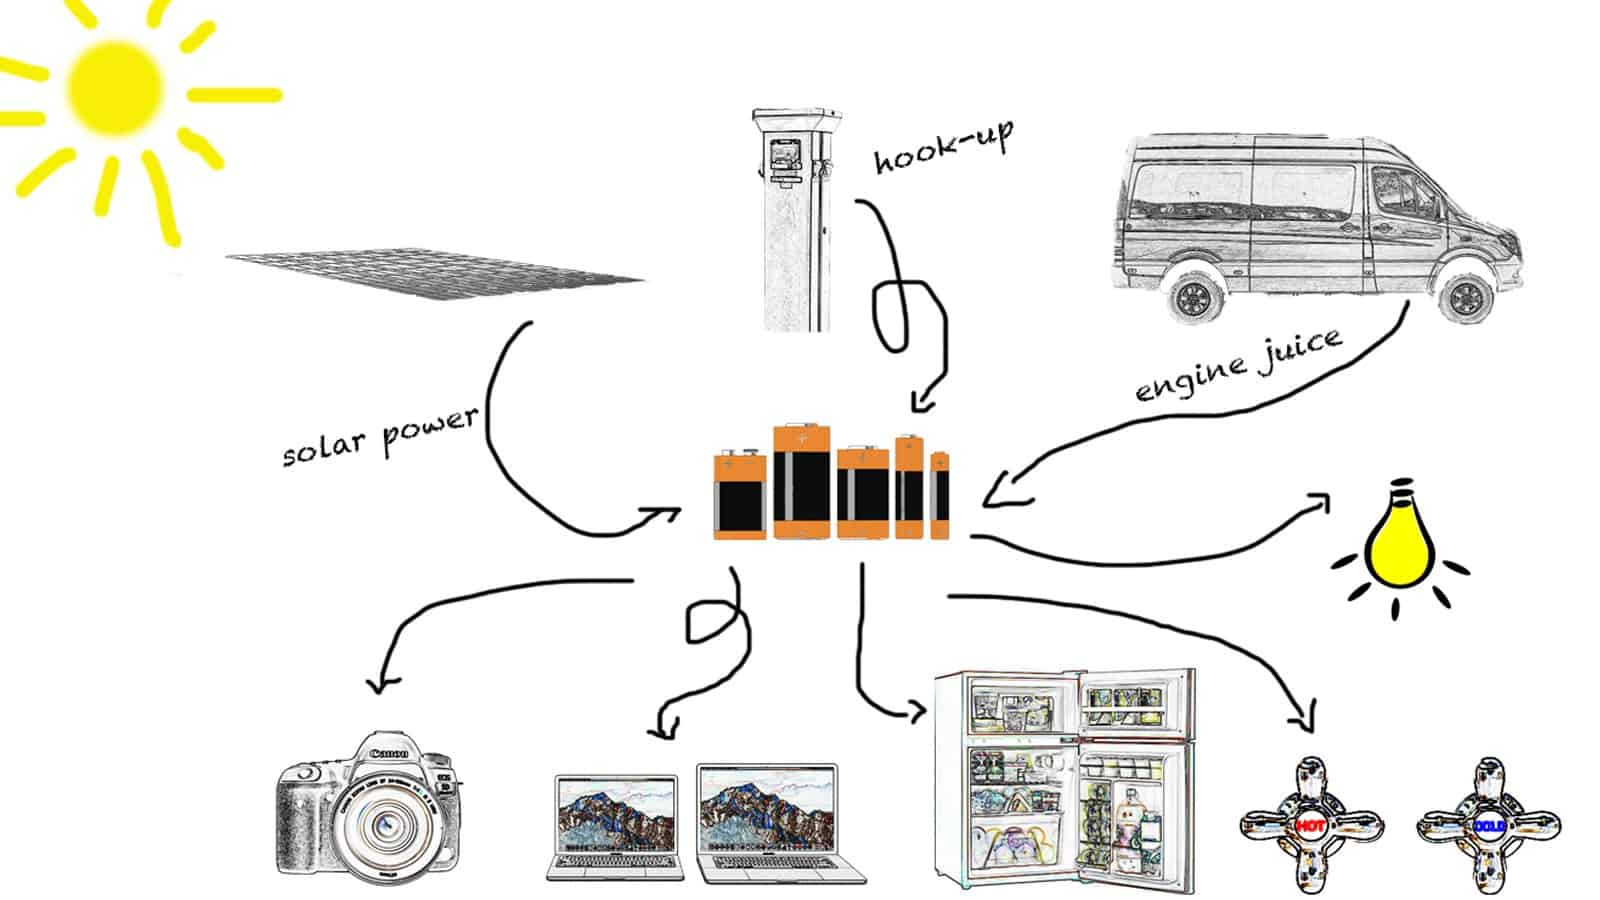 Camper van electrics - a simple diagram